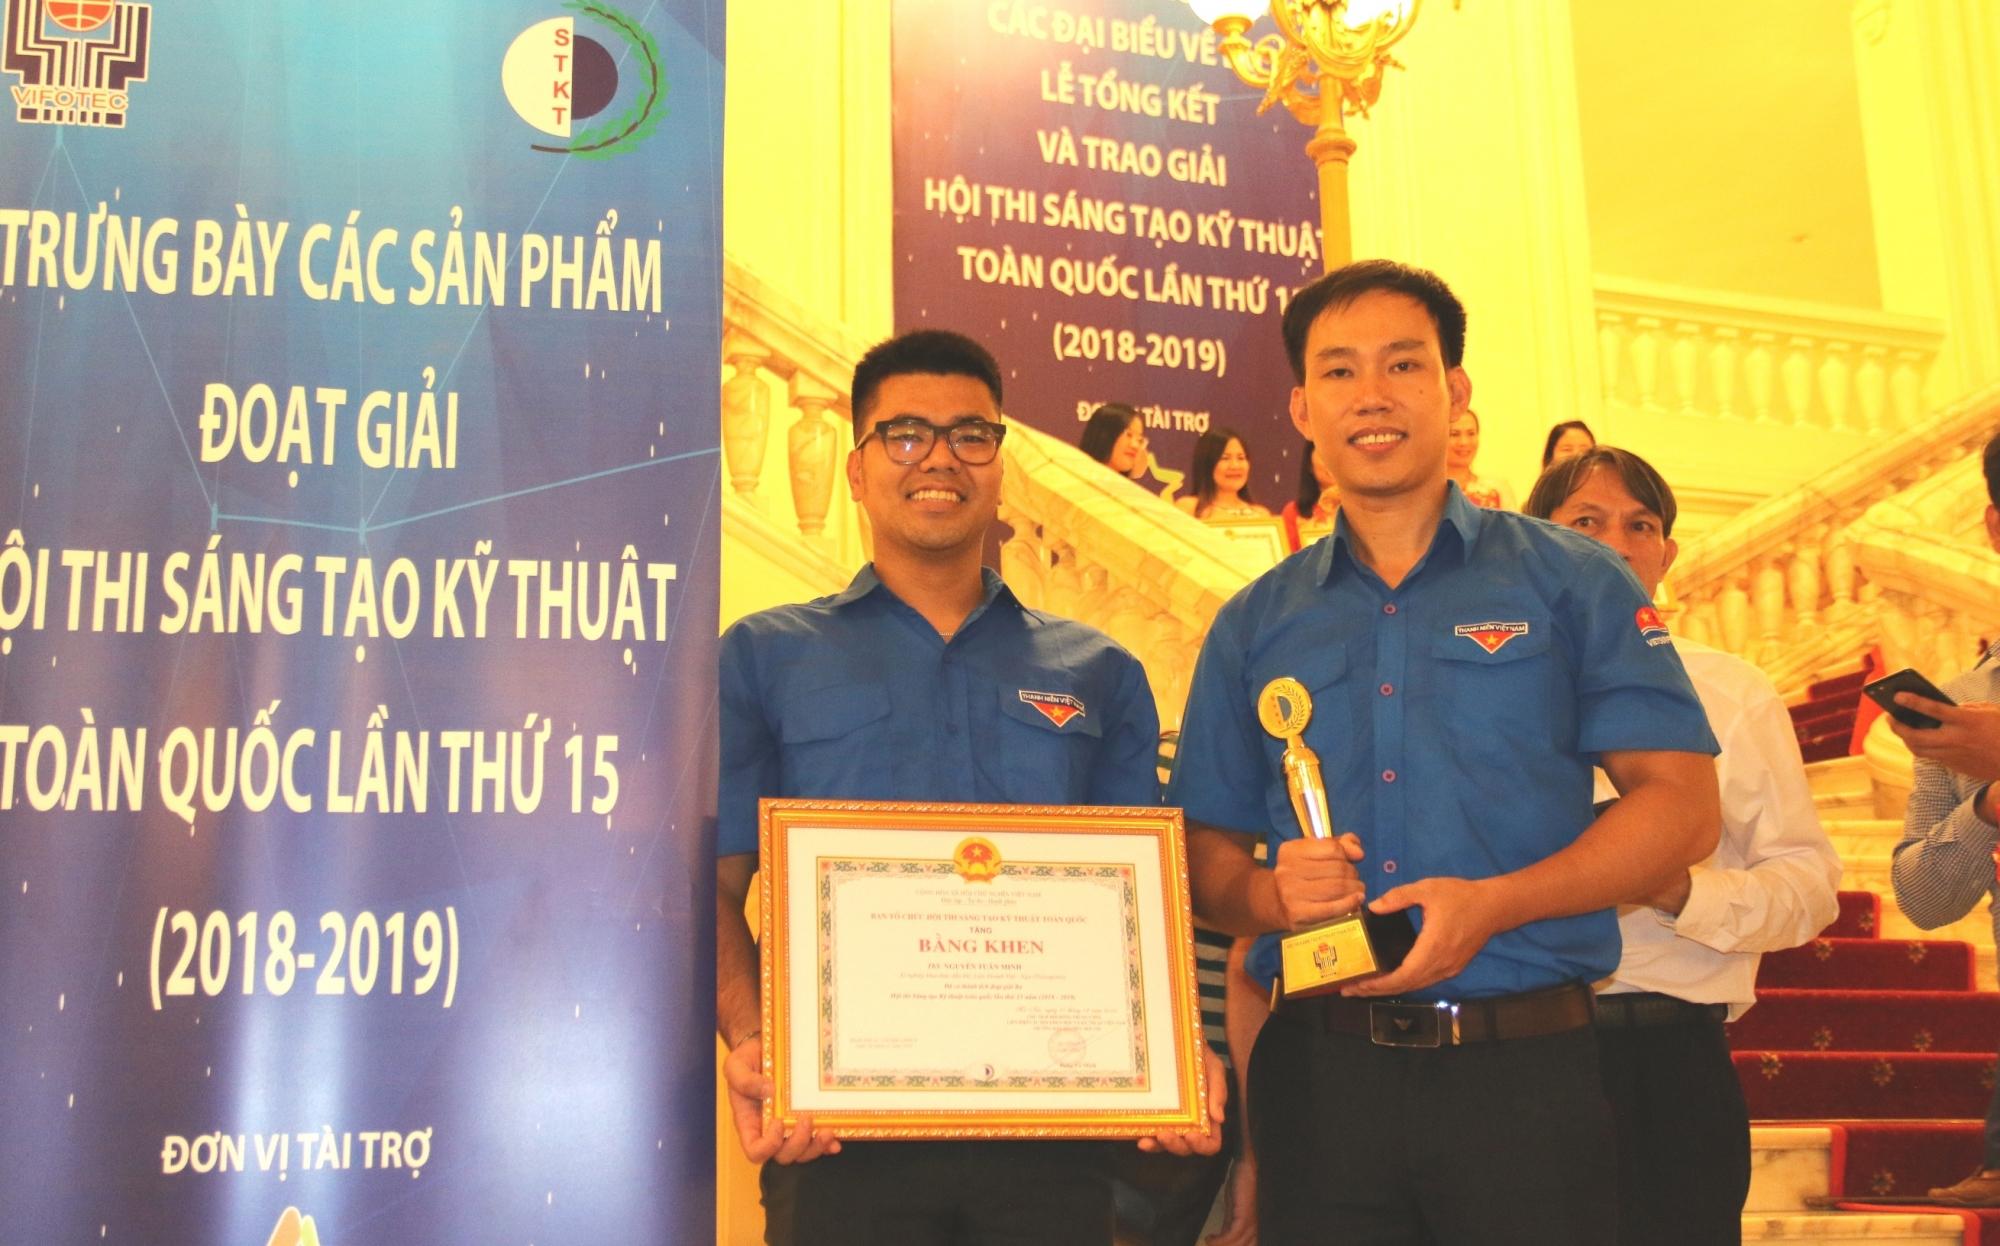 Giải pháp của tuổi trẻ Vietsovpetro đạt giải Ba Hội thi Sáng tạo Kỹ thuật toàn quốc lần thứ 15